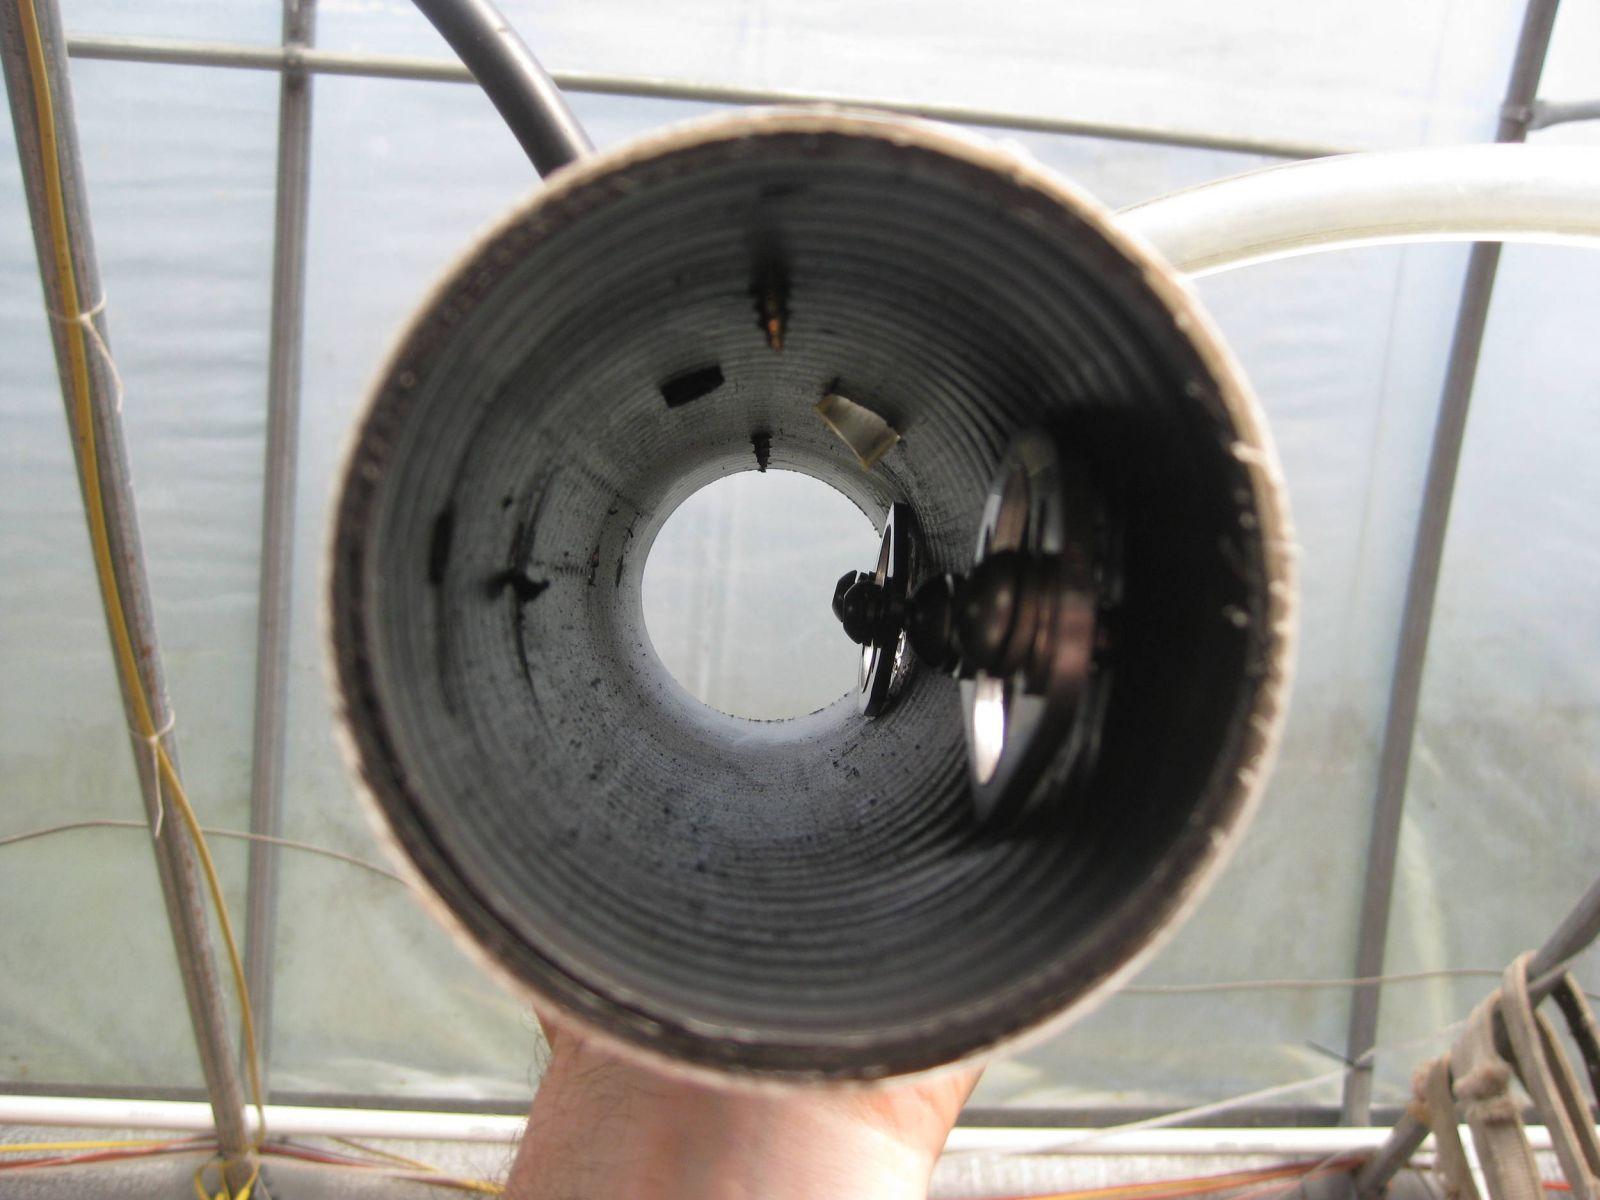 Penultimate SU Air filter, Inside Look